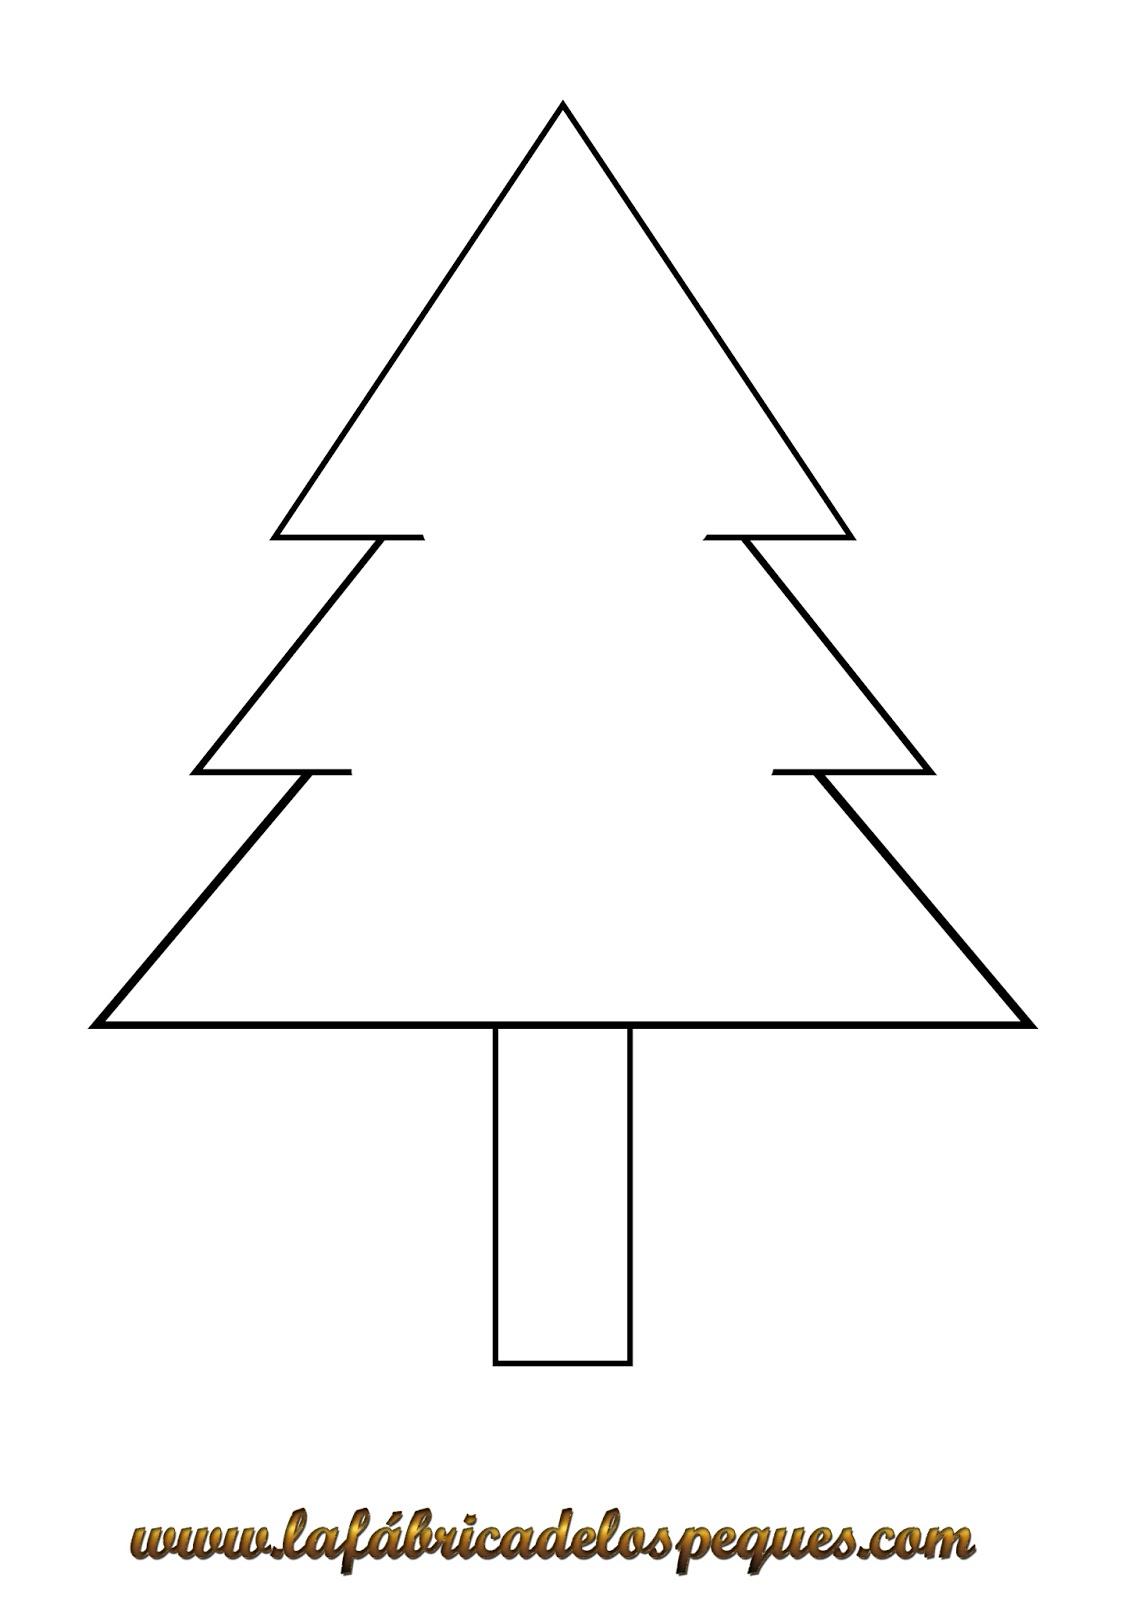 Imprimibles y moldes navide os gratuitos la f brica de - Arbol de navidad para imprimir ...